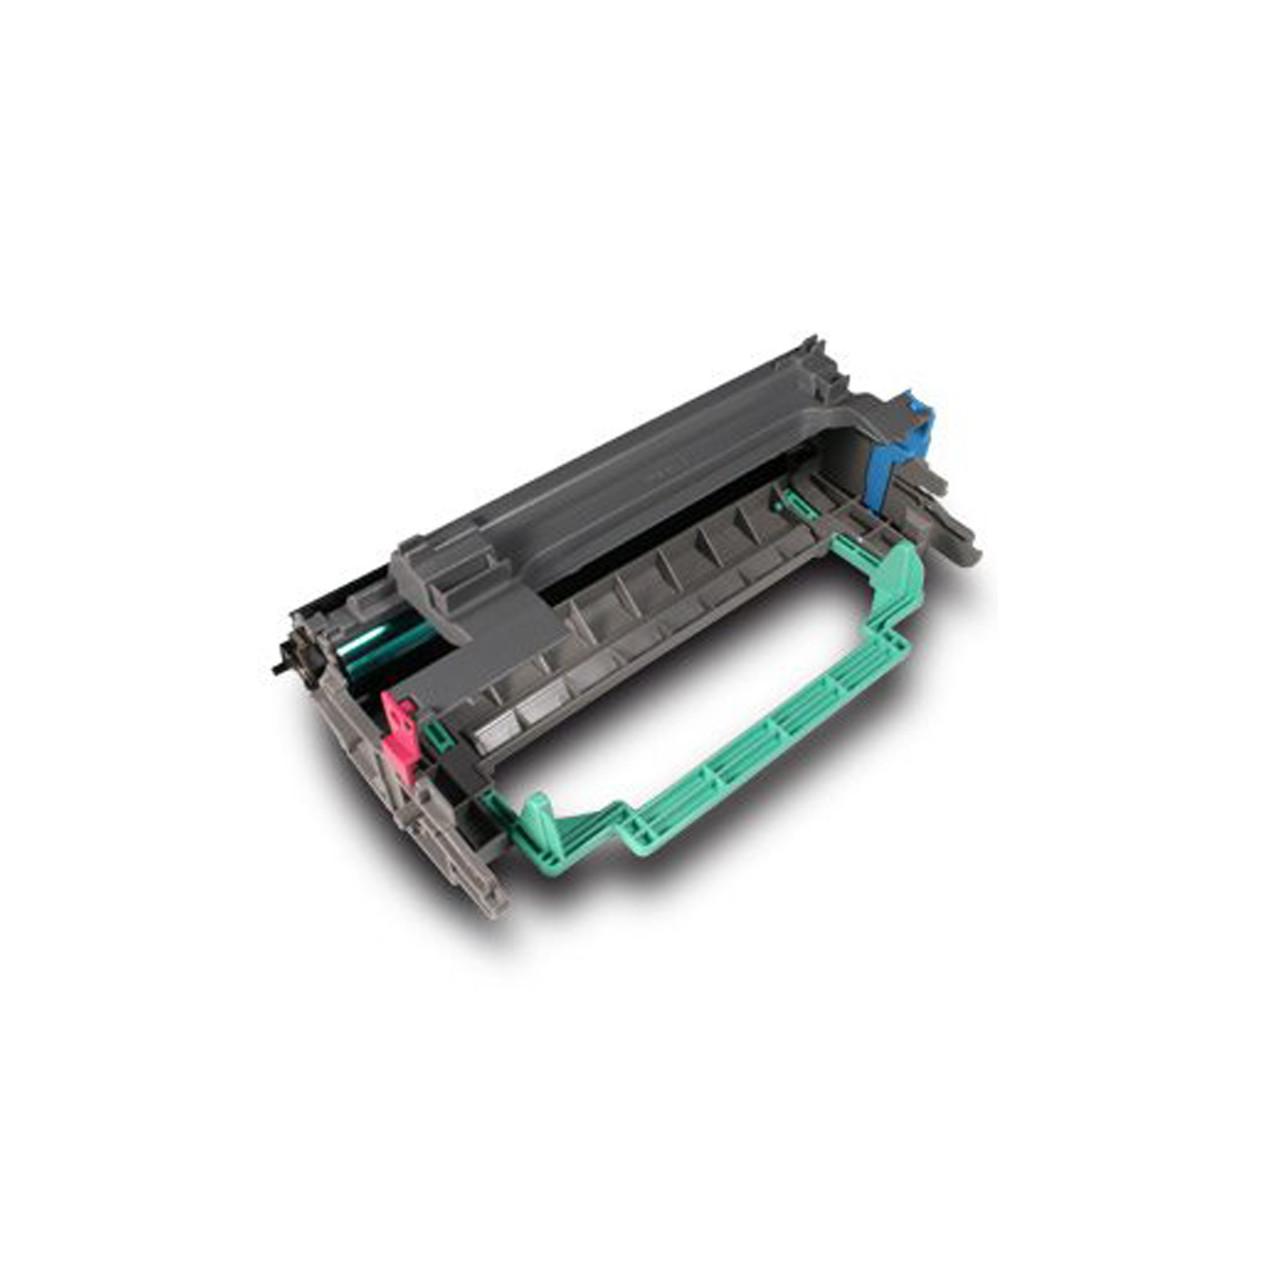 For Dell Laser 1815dn 1pk 310-7945 Toner Cartridge